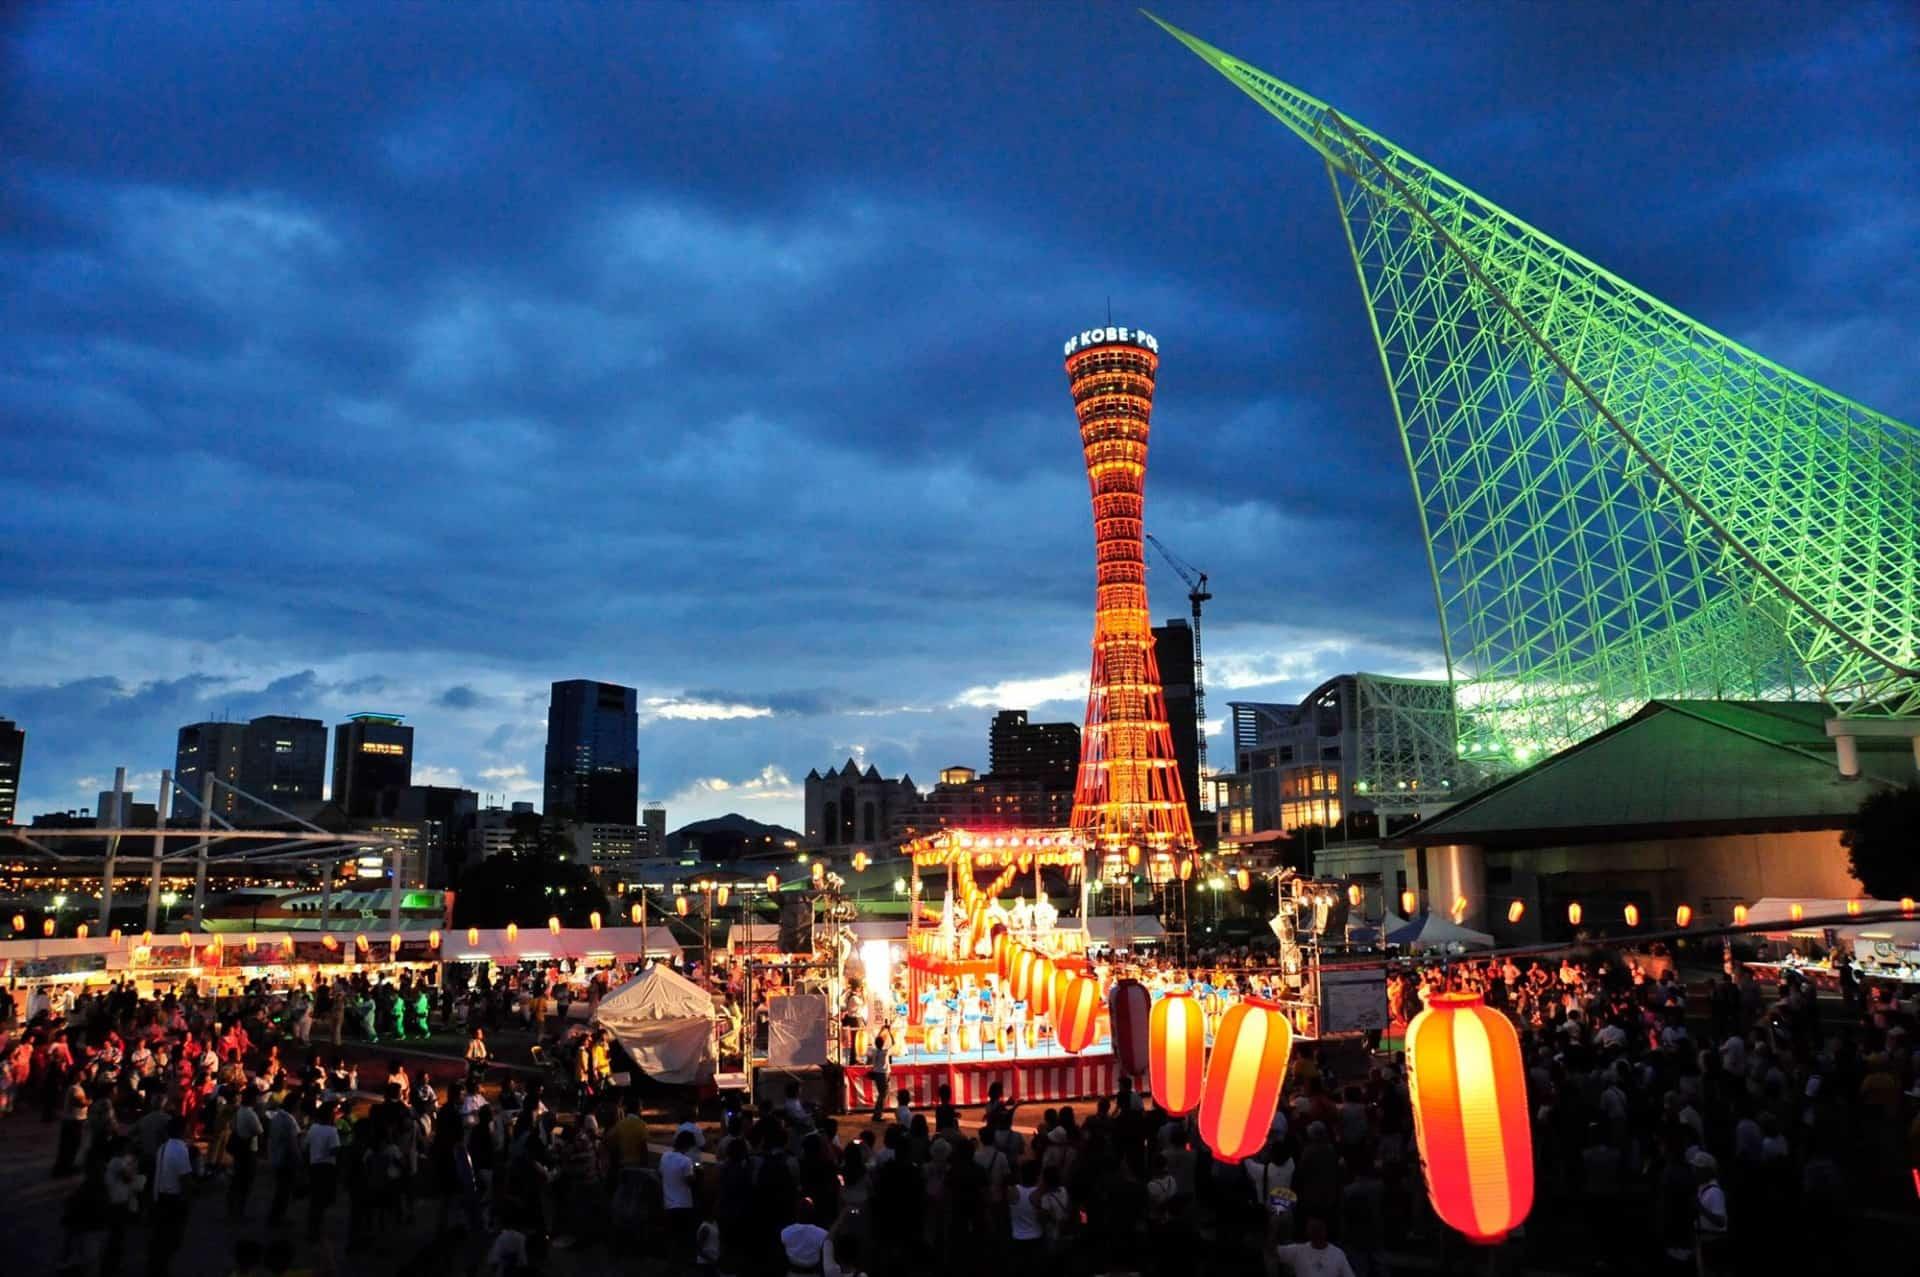 関西最大級!「こうべ海の盆踊り2019」が神戸・メリケンパークで今年も開催。お昼から屋台も楽しめる!